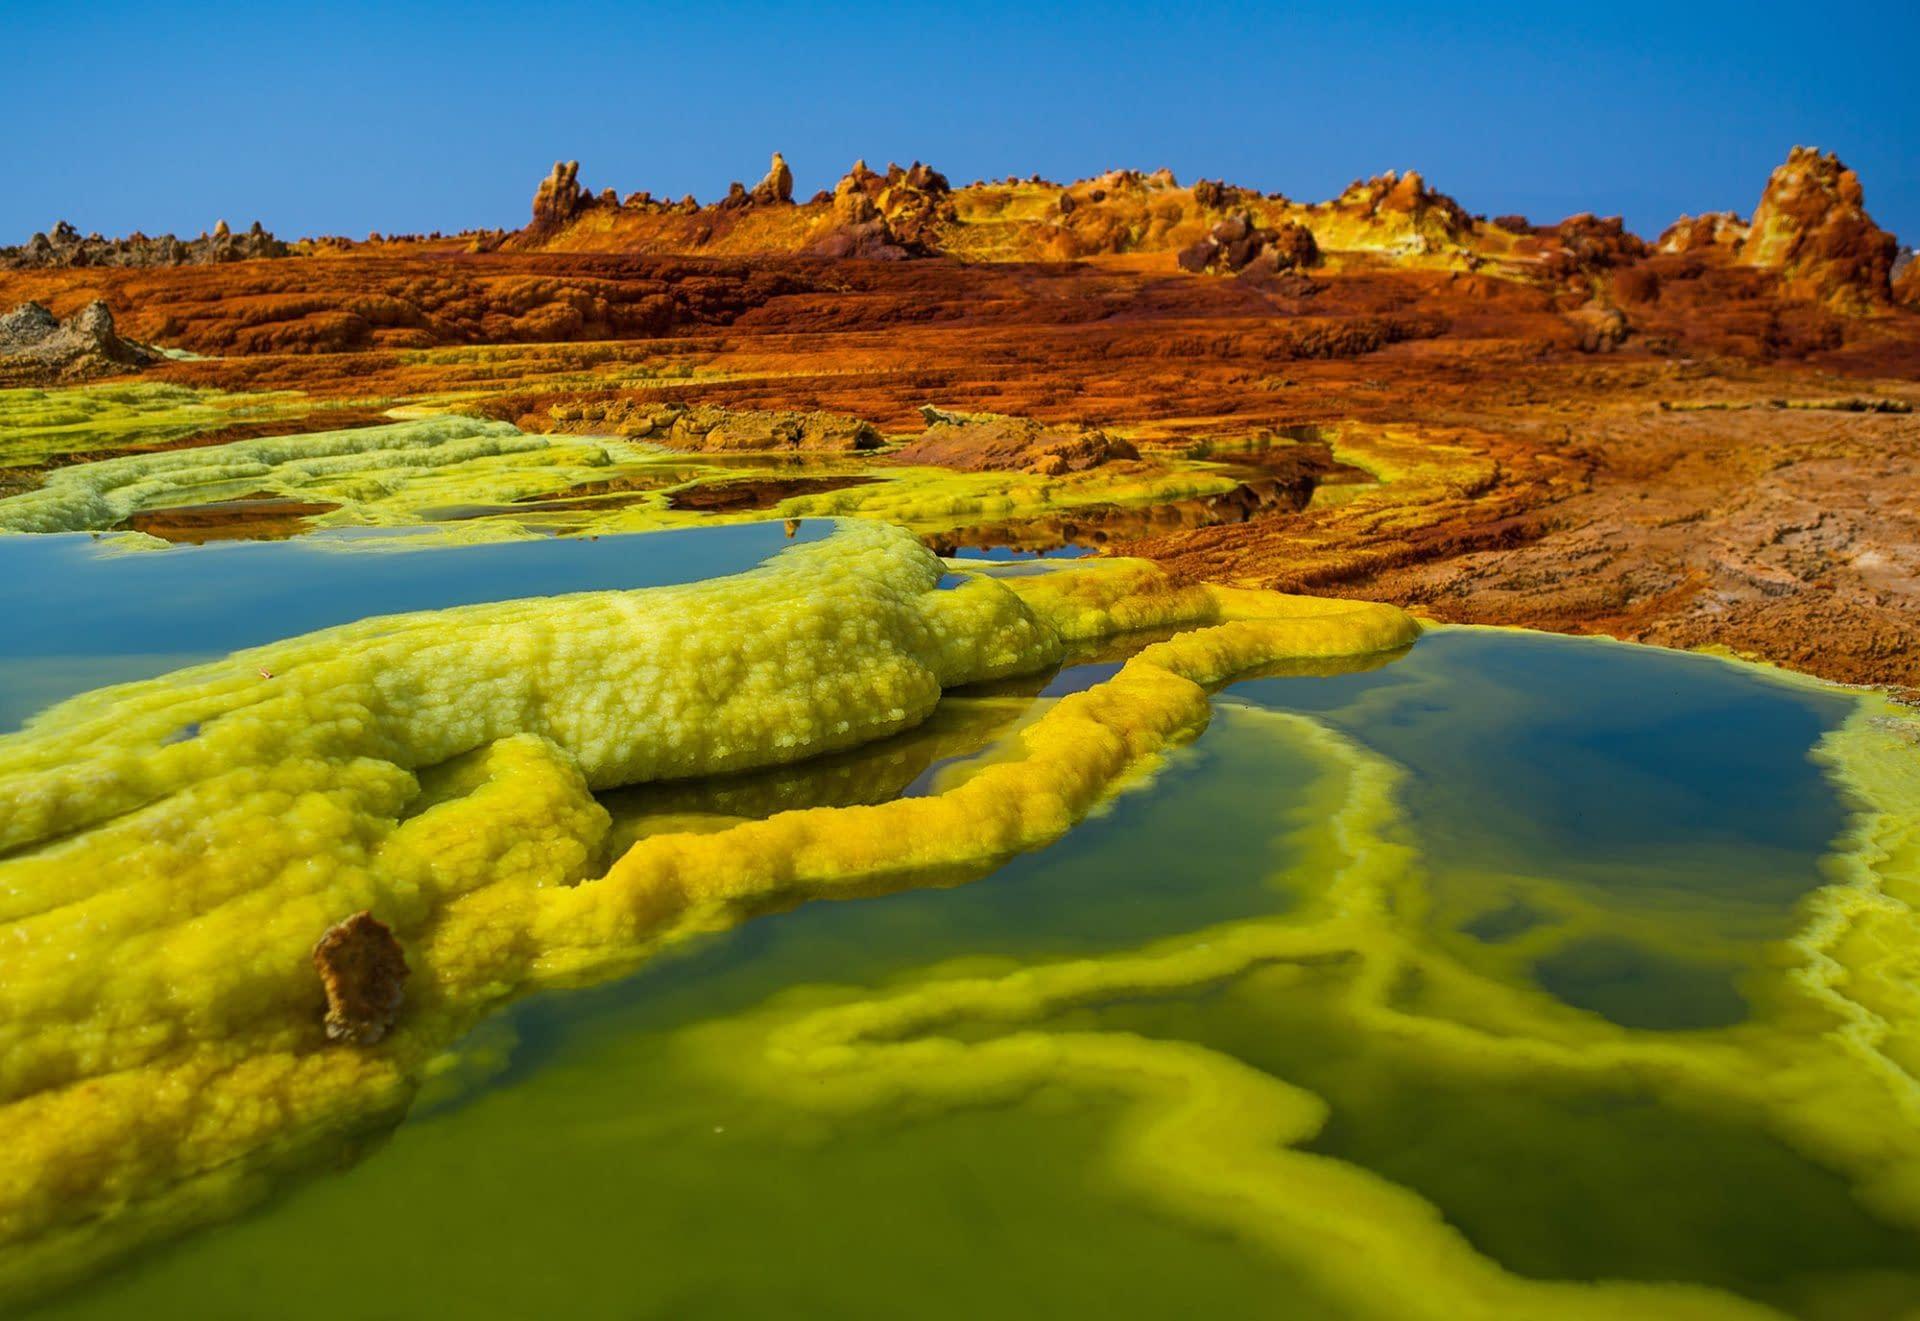 The colorful volcanic landscape. Danakil Depression Eritrea. Danakil depression